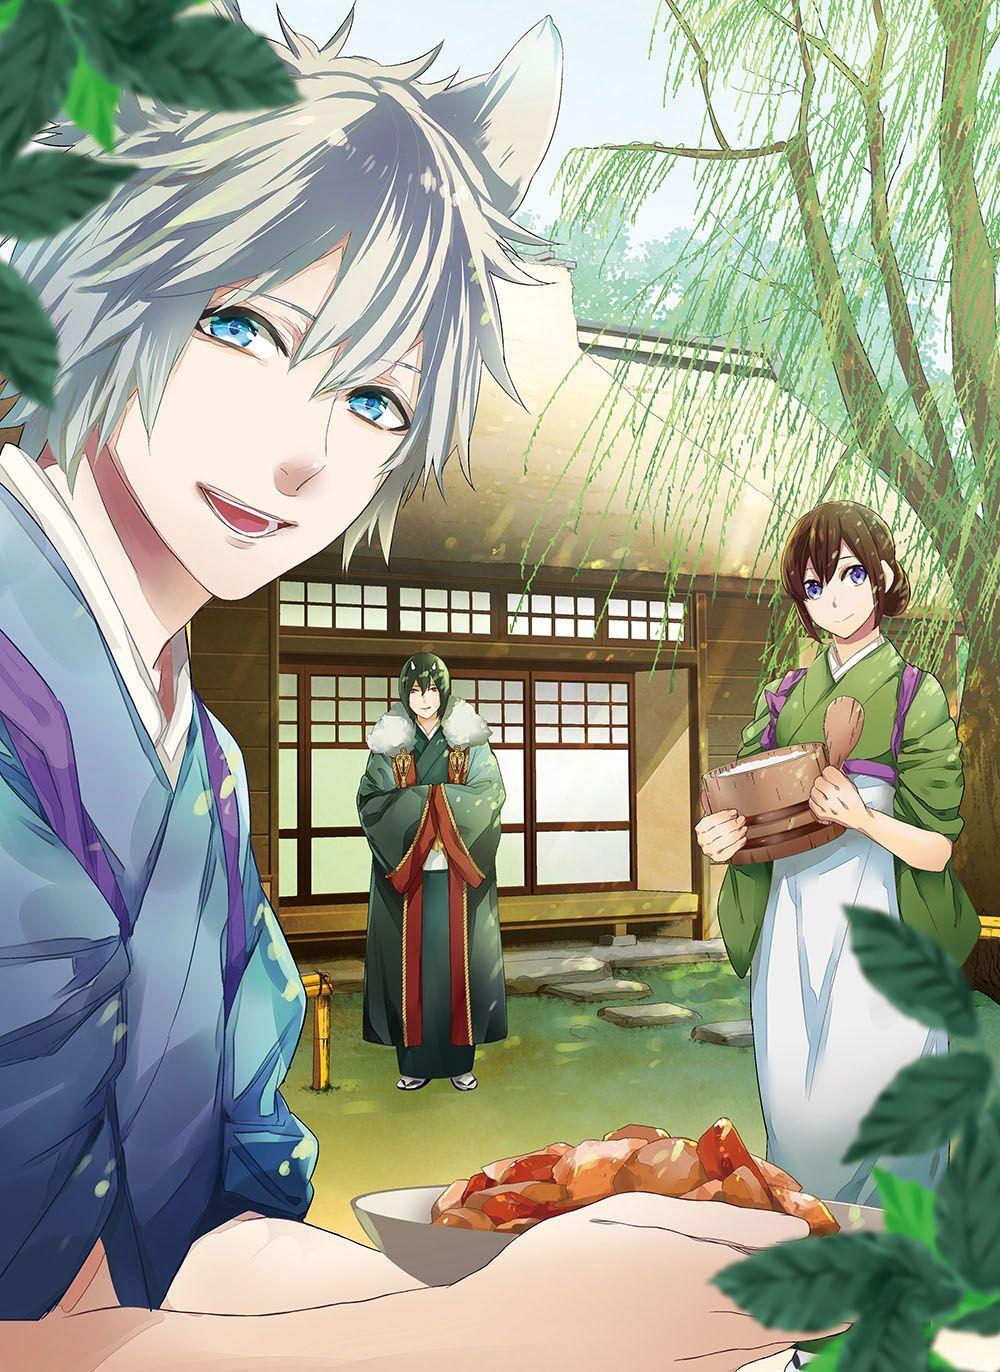 Kakuriyo No Yadomeshi Anime, Anime akatsuki, Anime romance